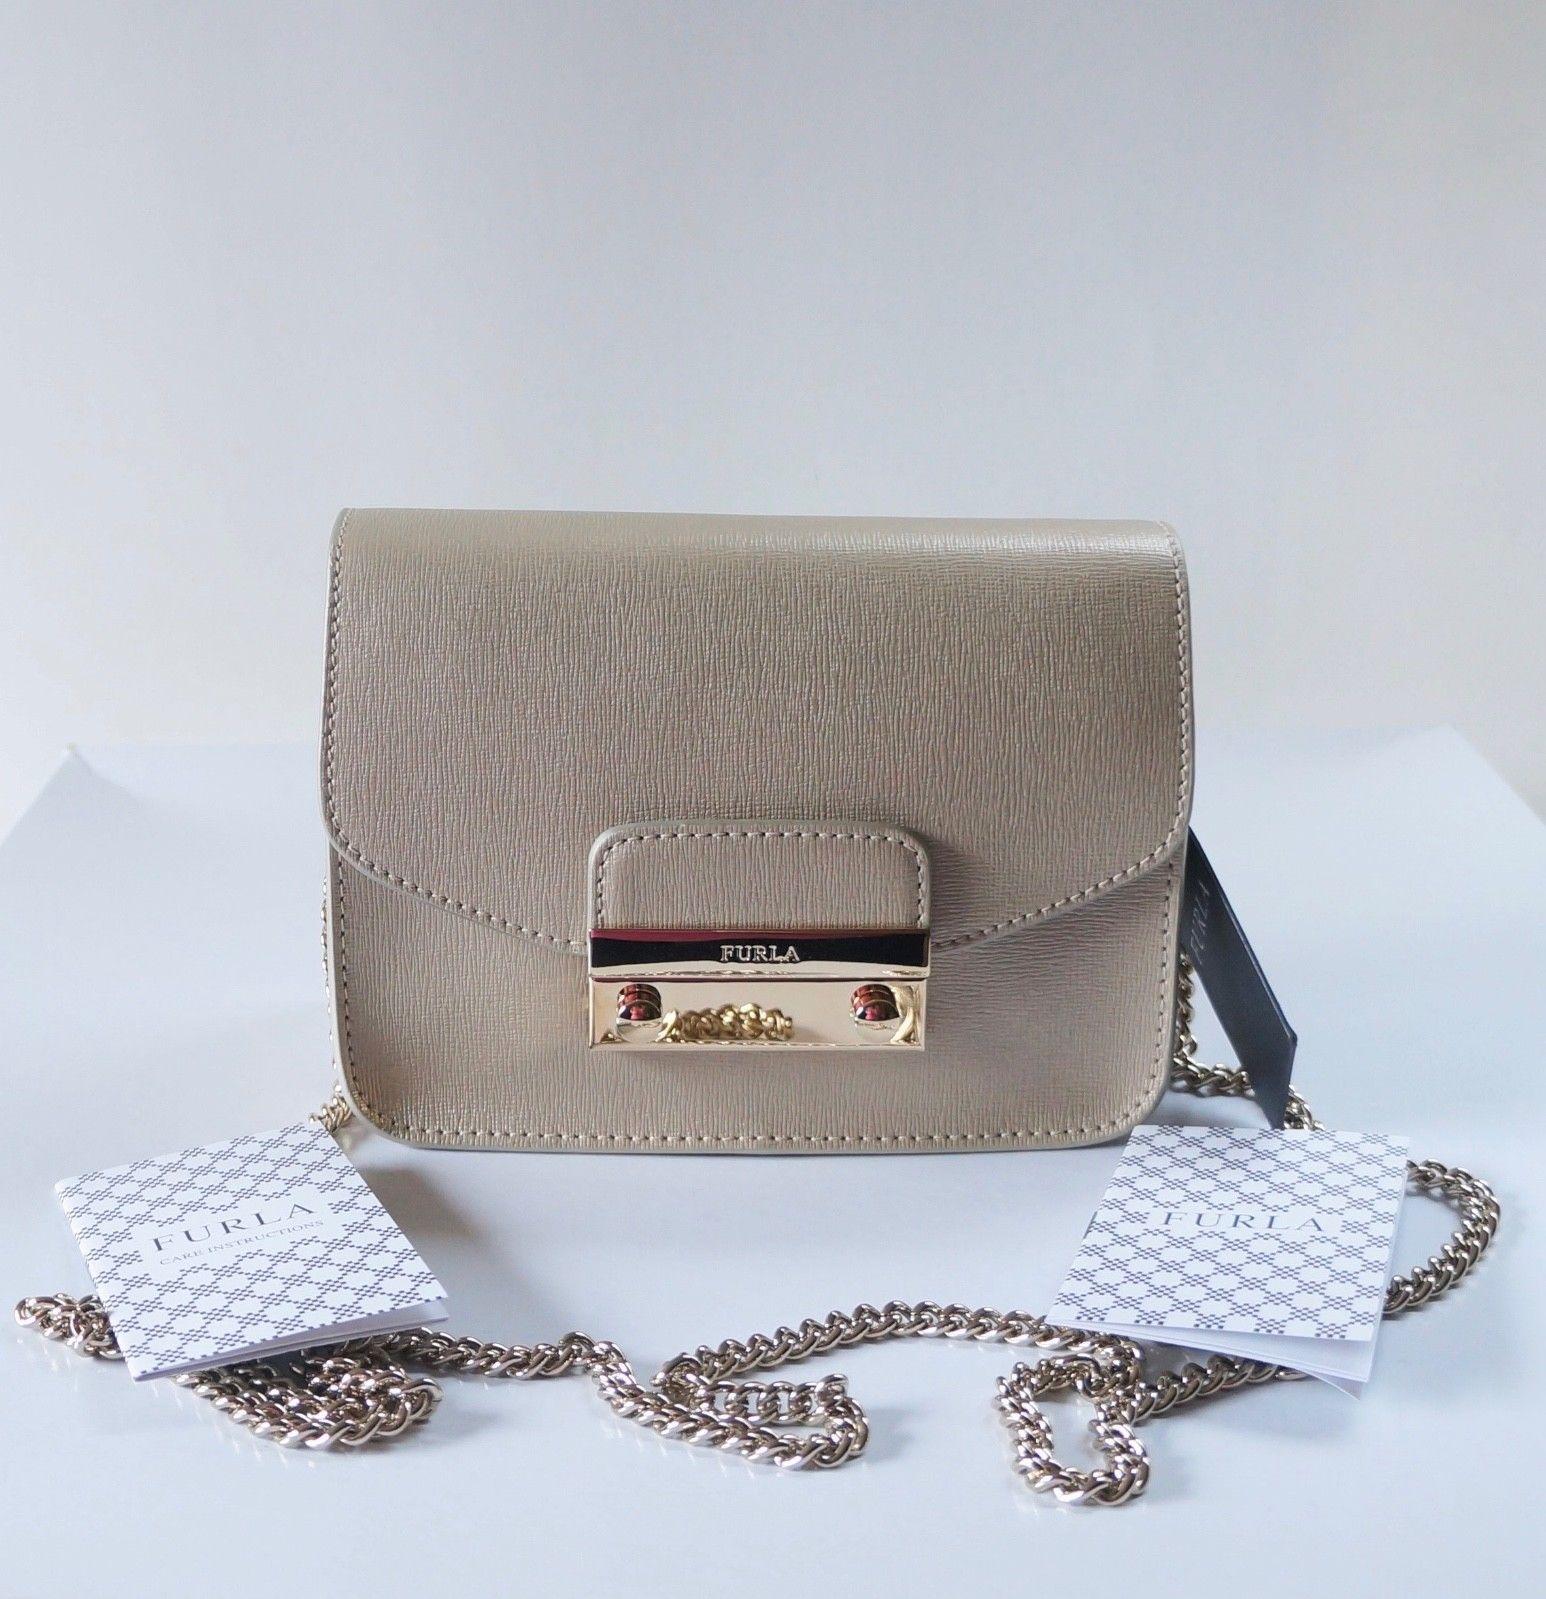 5efe6af3bda2 Nwt Furla Saffiano Leather Julia Mini and 50 similar items. S l1600